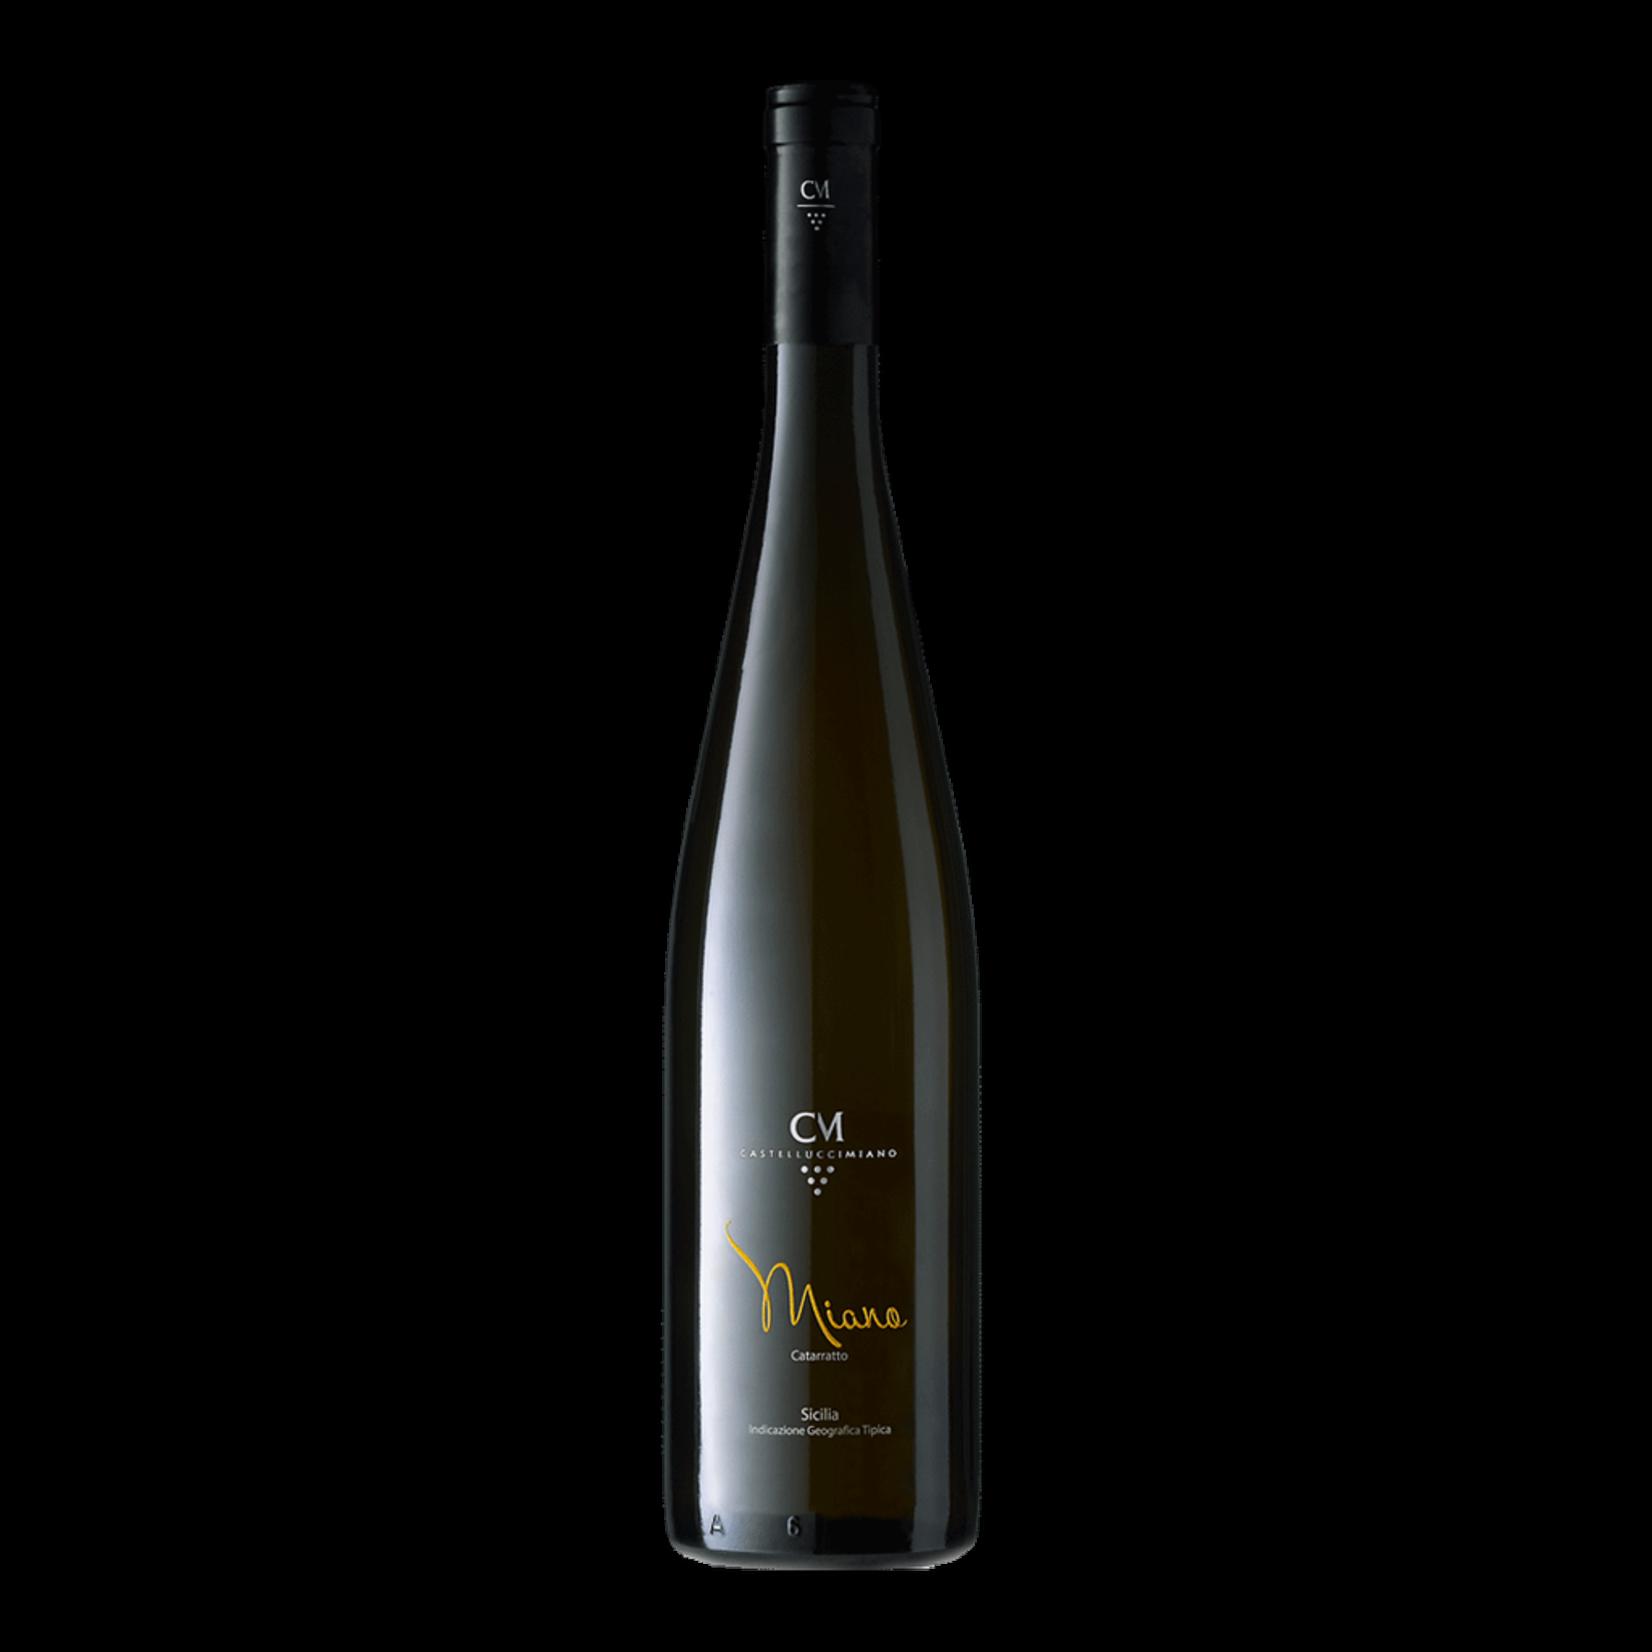 Wine Castellucci Miano 'Catarratto'